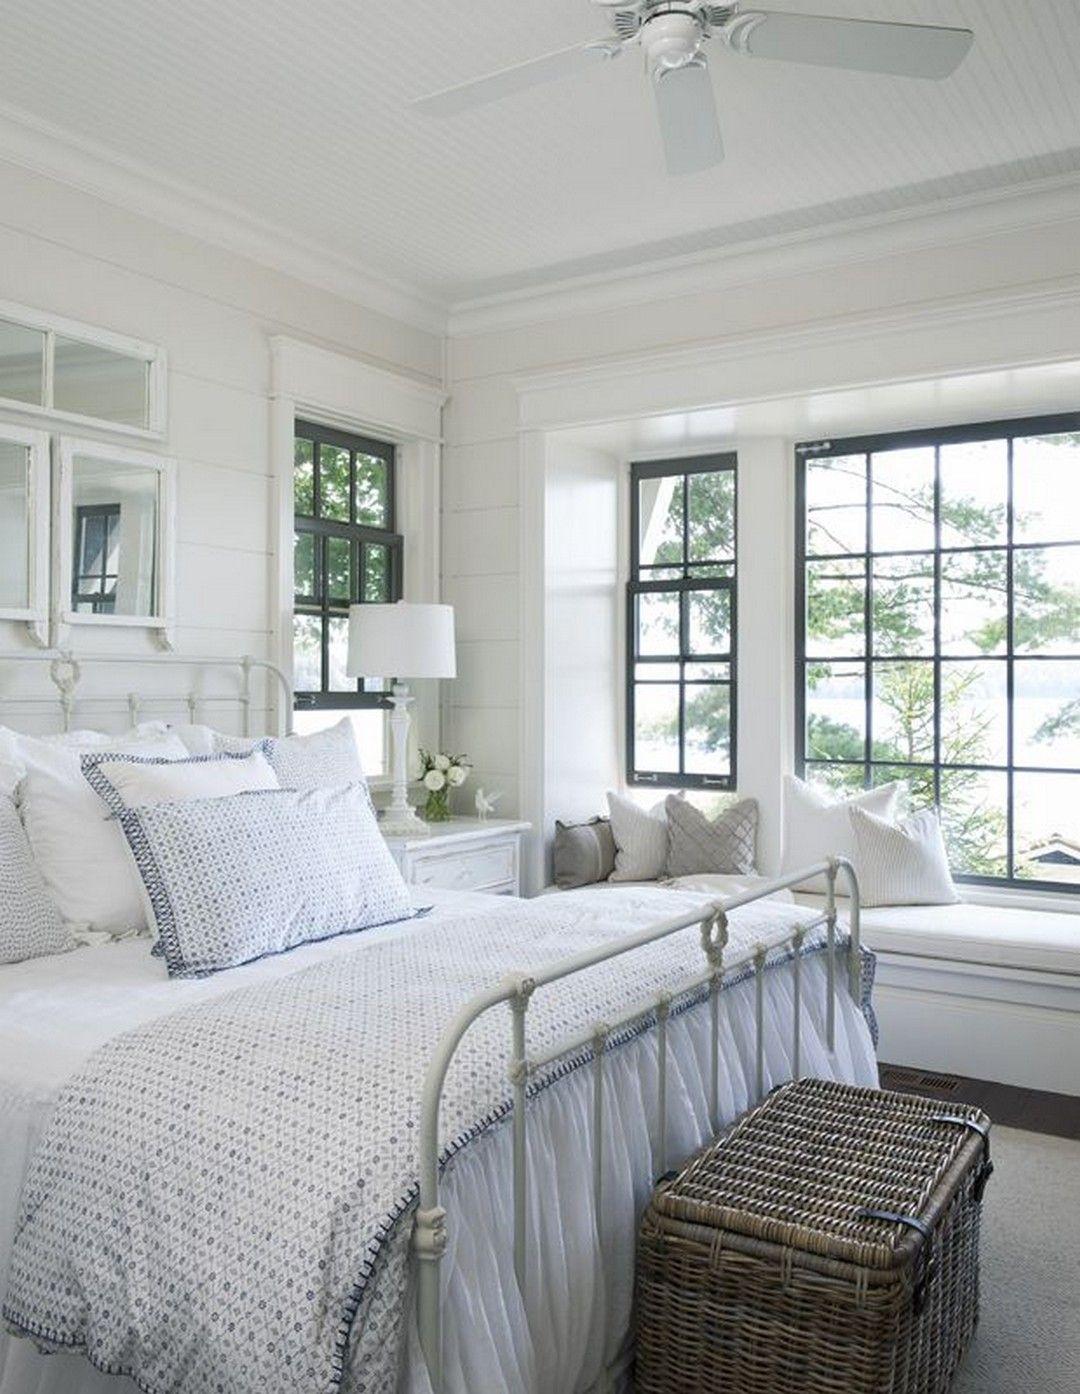 99 Unbelievably Inspiring Master Bedroom Design Ideas Philanthropyalamode Com Popular Home Design Modern Farmhouse Bedroom Home Decor Bedroom Cottage Bedroom